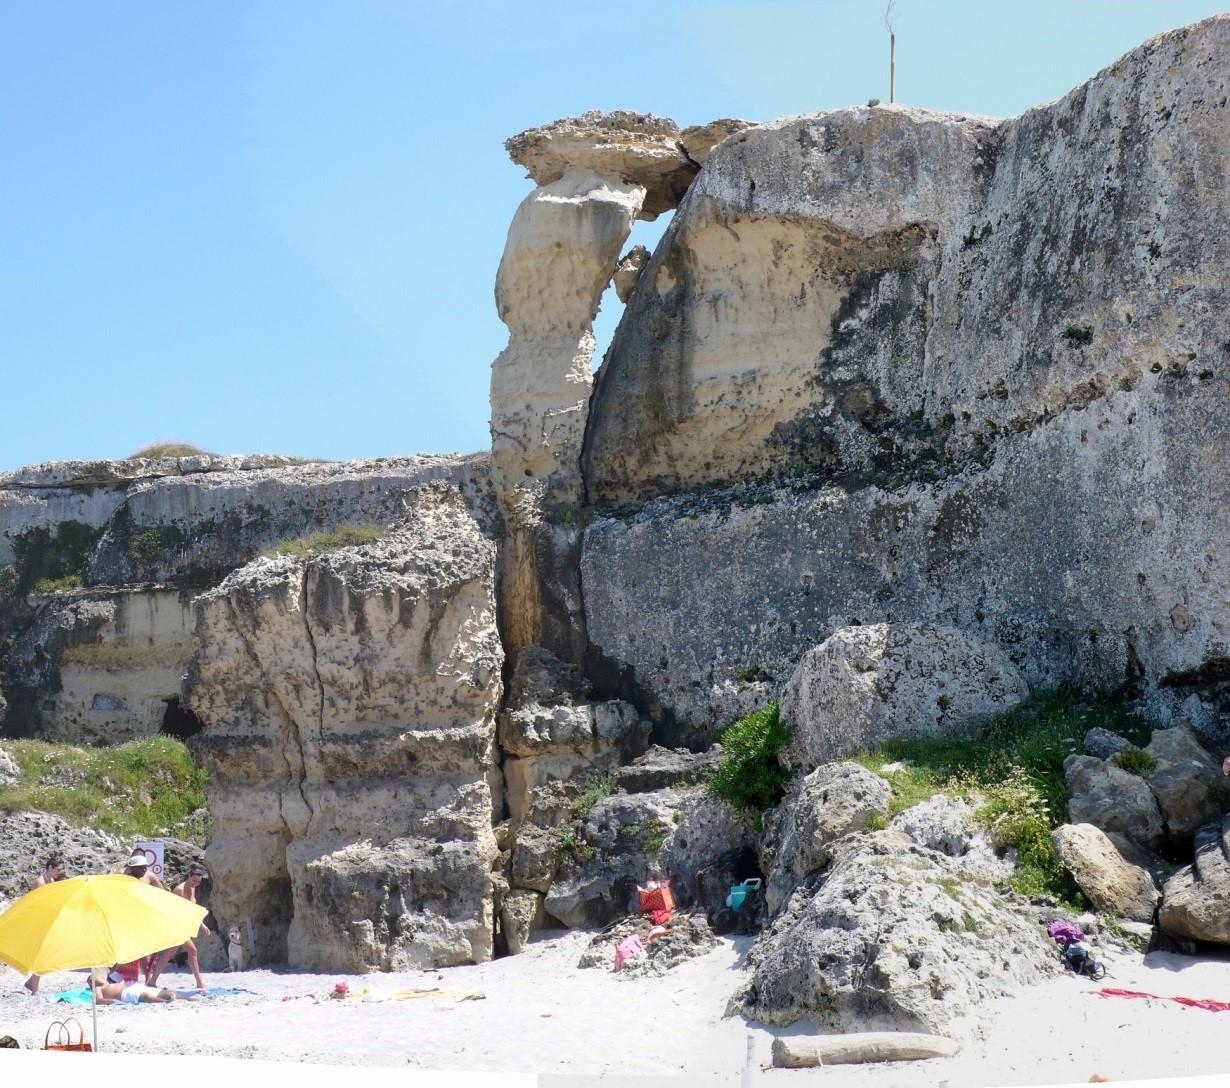 Fig. 6 Frequentazione umana al piede di una falesia con evidenti segni di pericolosità, malgrado un segnale (parzialmente coperto, sulla sinistra) di interdizione alla frequentazione (Torre dell'Orso, Lecce).